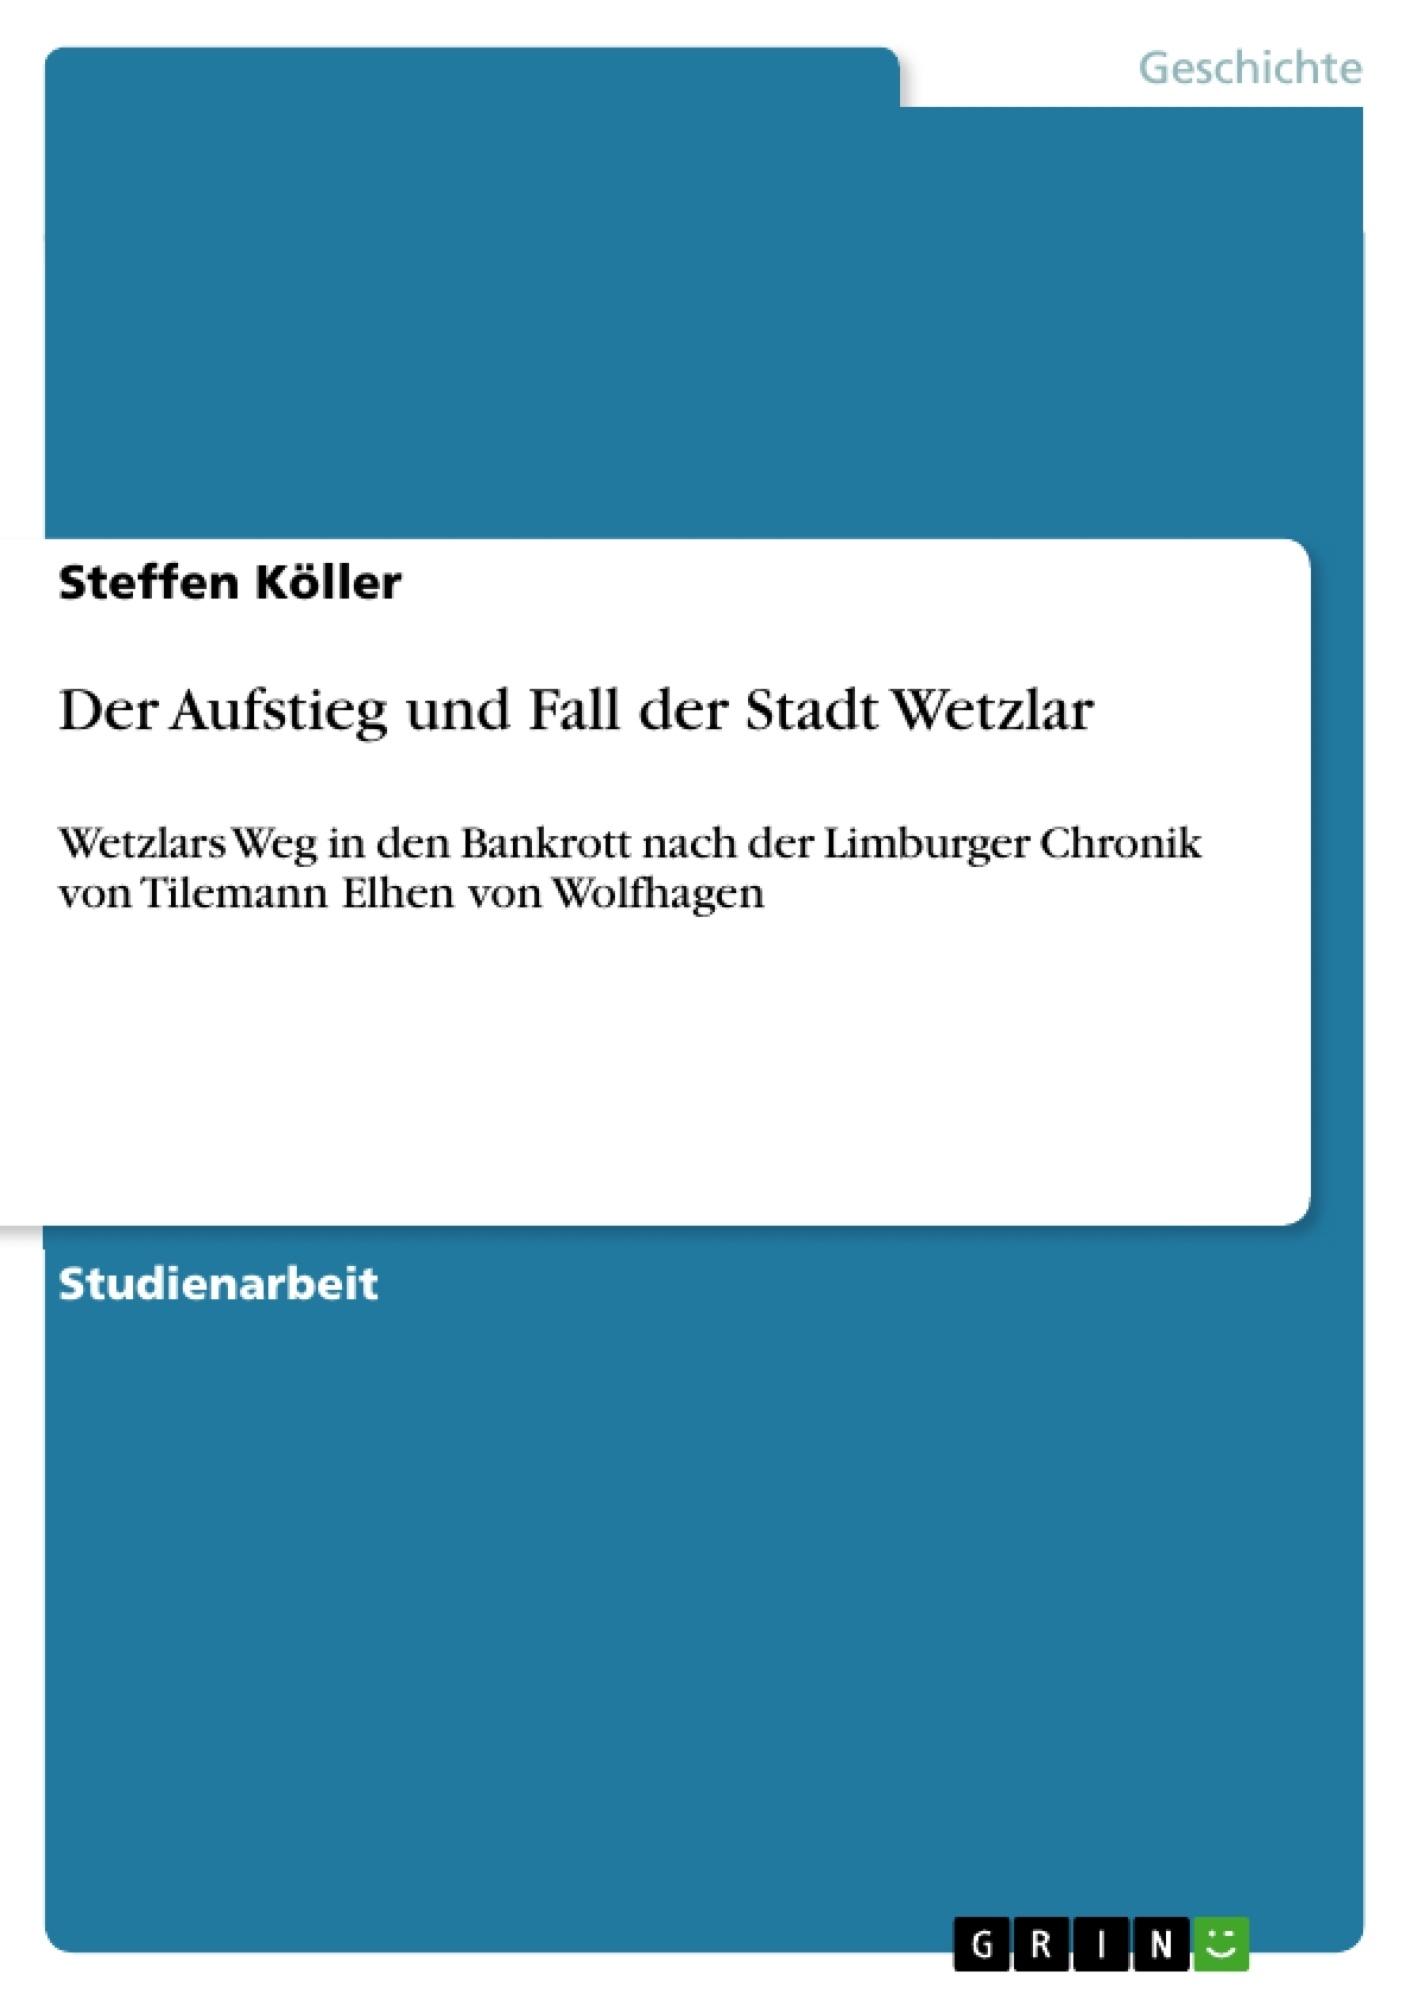 Titel: Der Aufstieg und Fall der Stadt Wetzlar